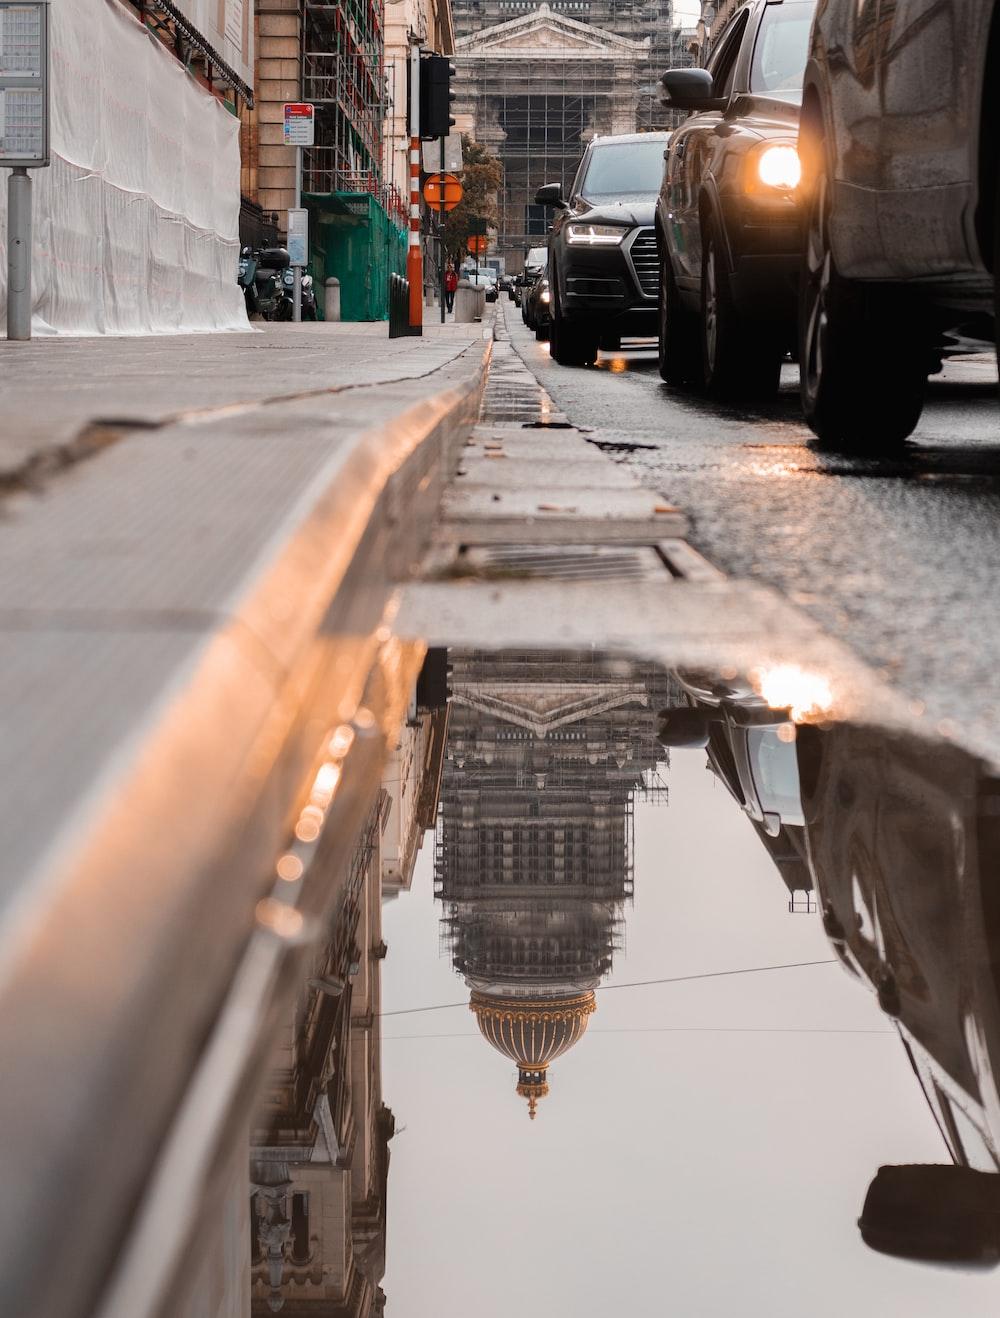 wet street gutter